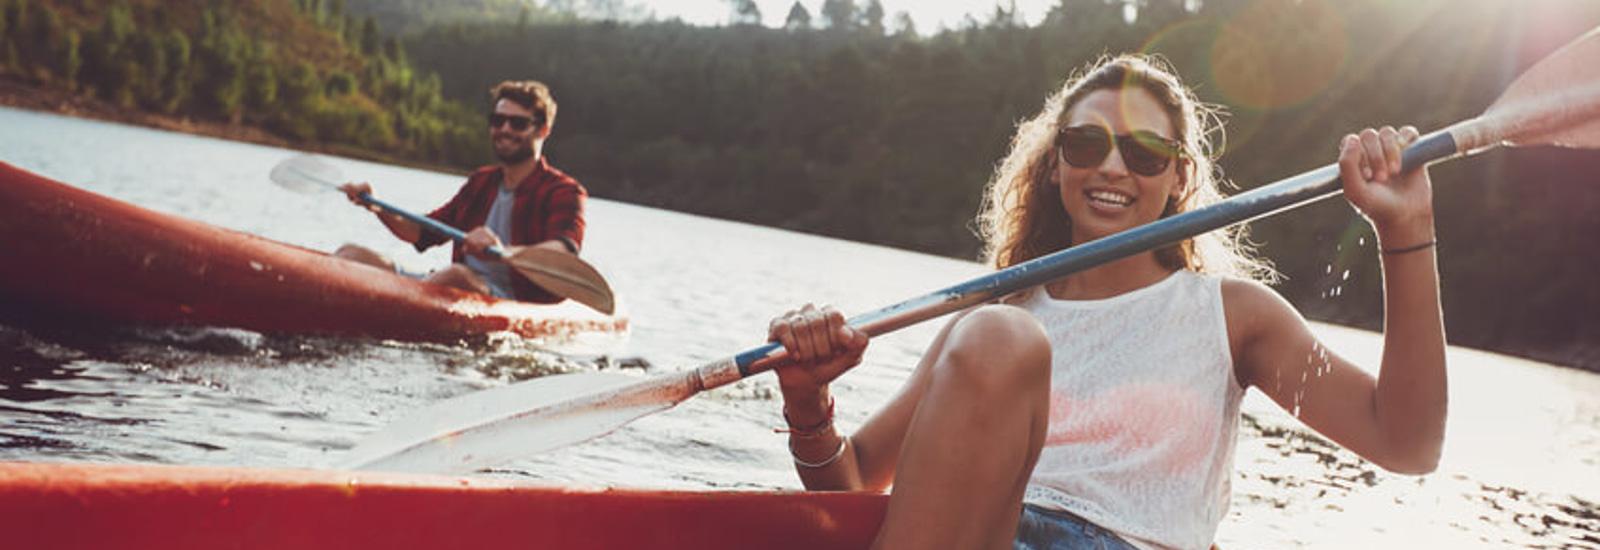 Mensen in kano